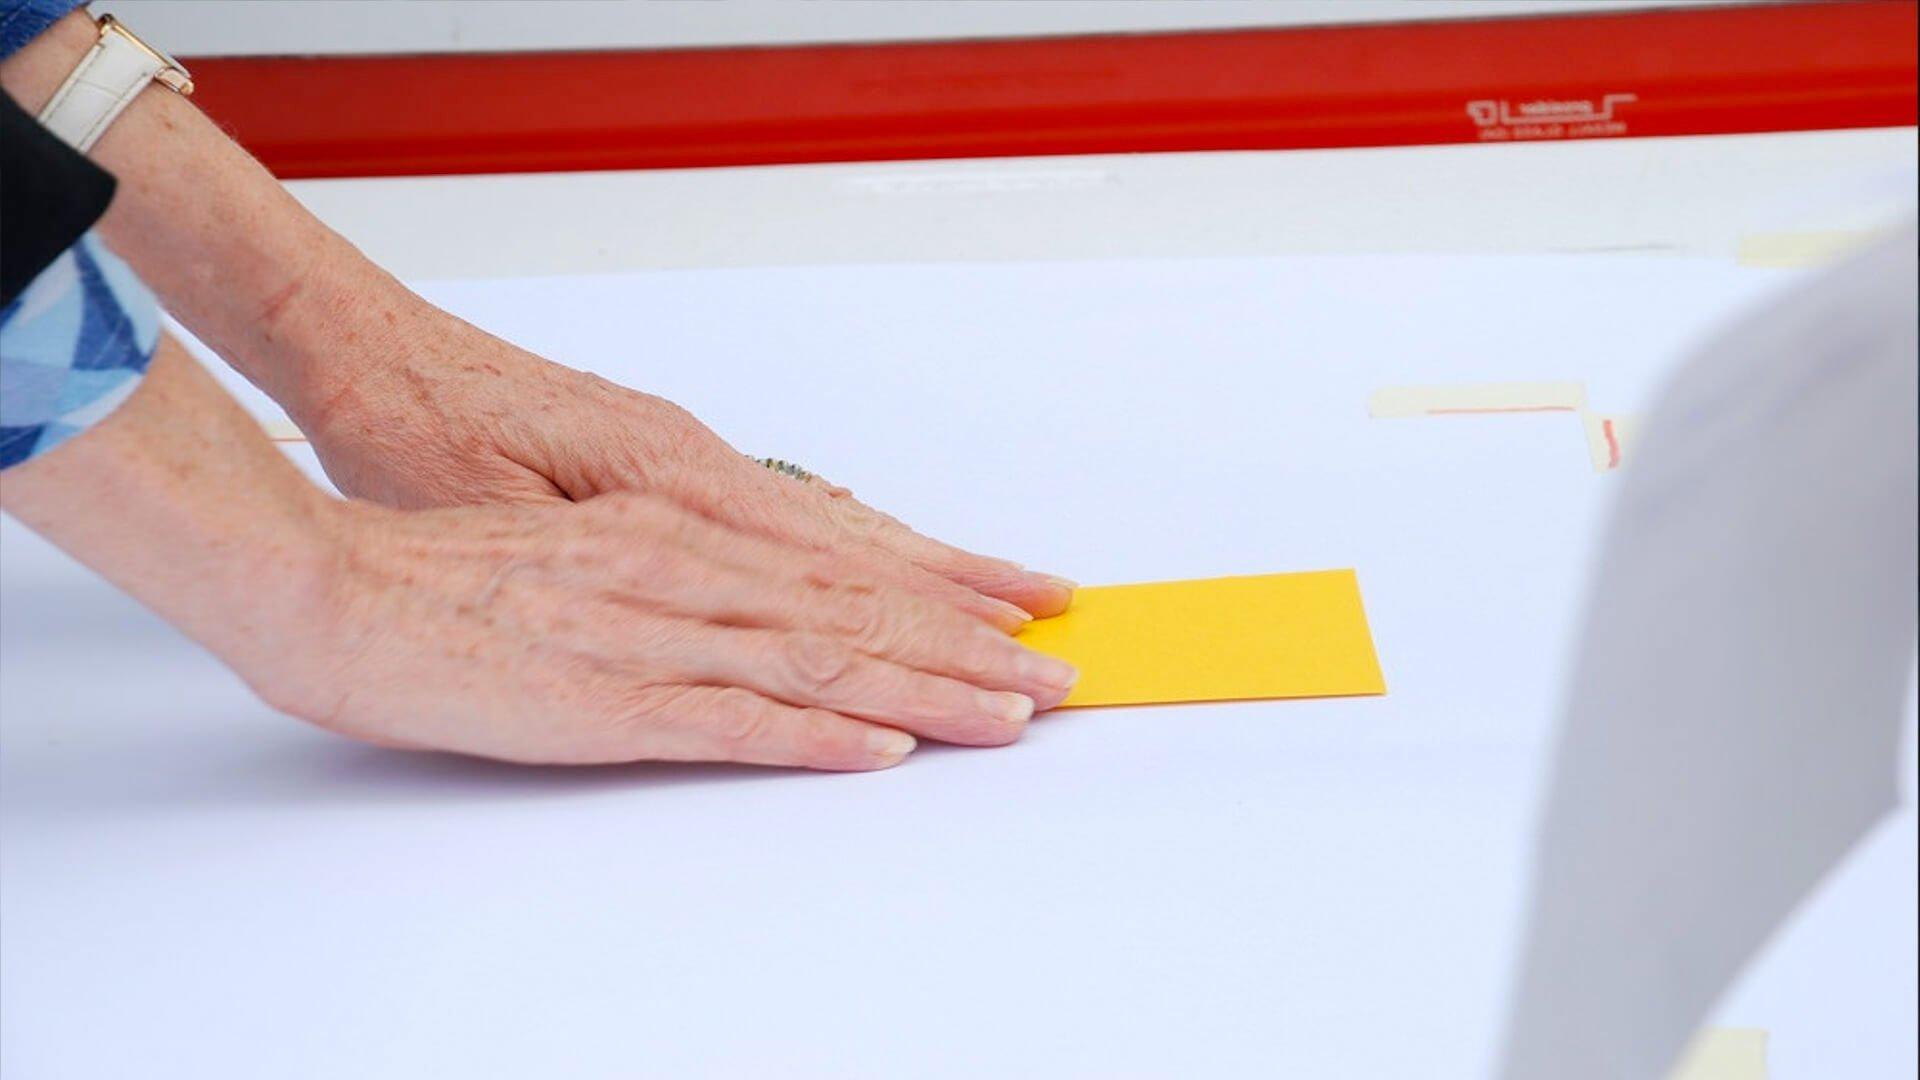 Copertina servizio Art&Community - mano che sposta un foglietto colorato